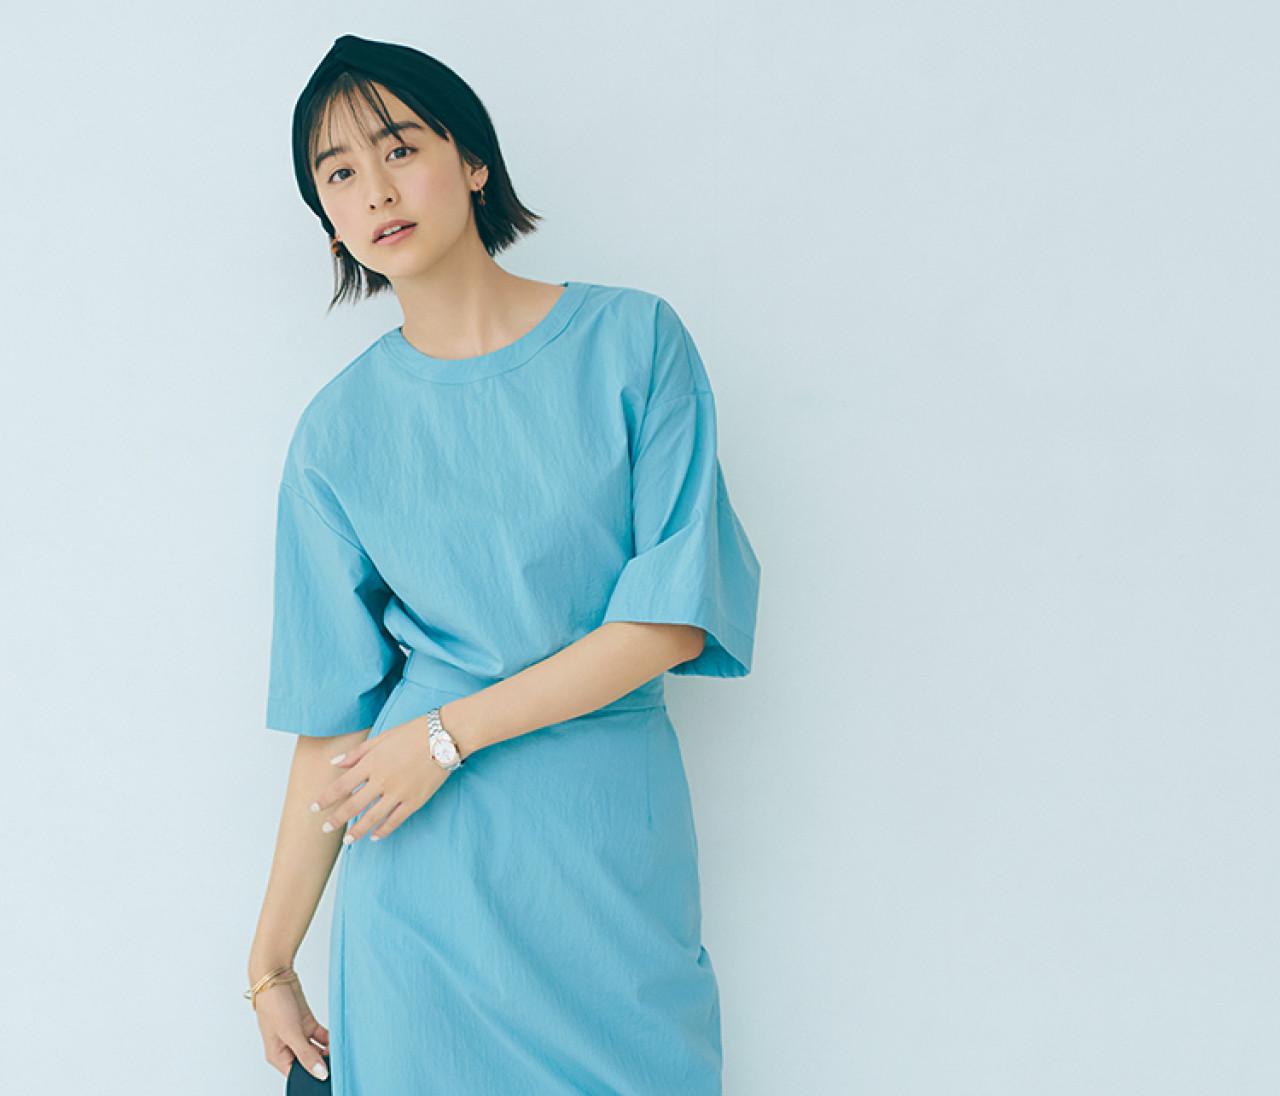 【山本美月の春支度 2】ブルーをフェミニンアイテムで取り入れるなら、こう!